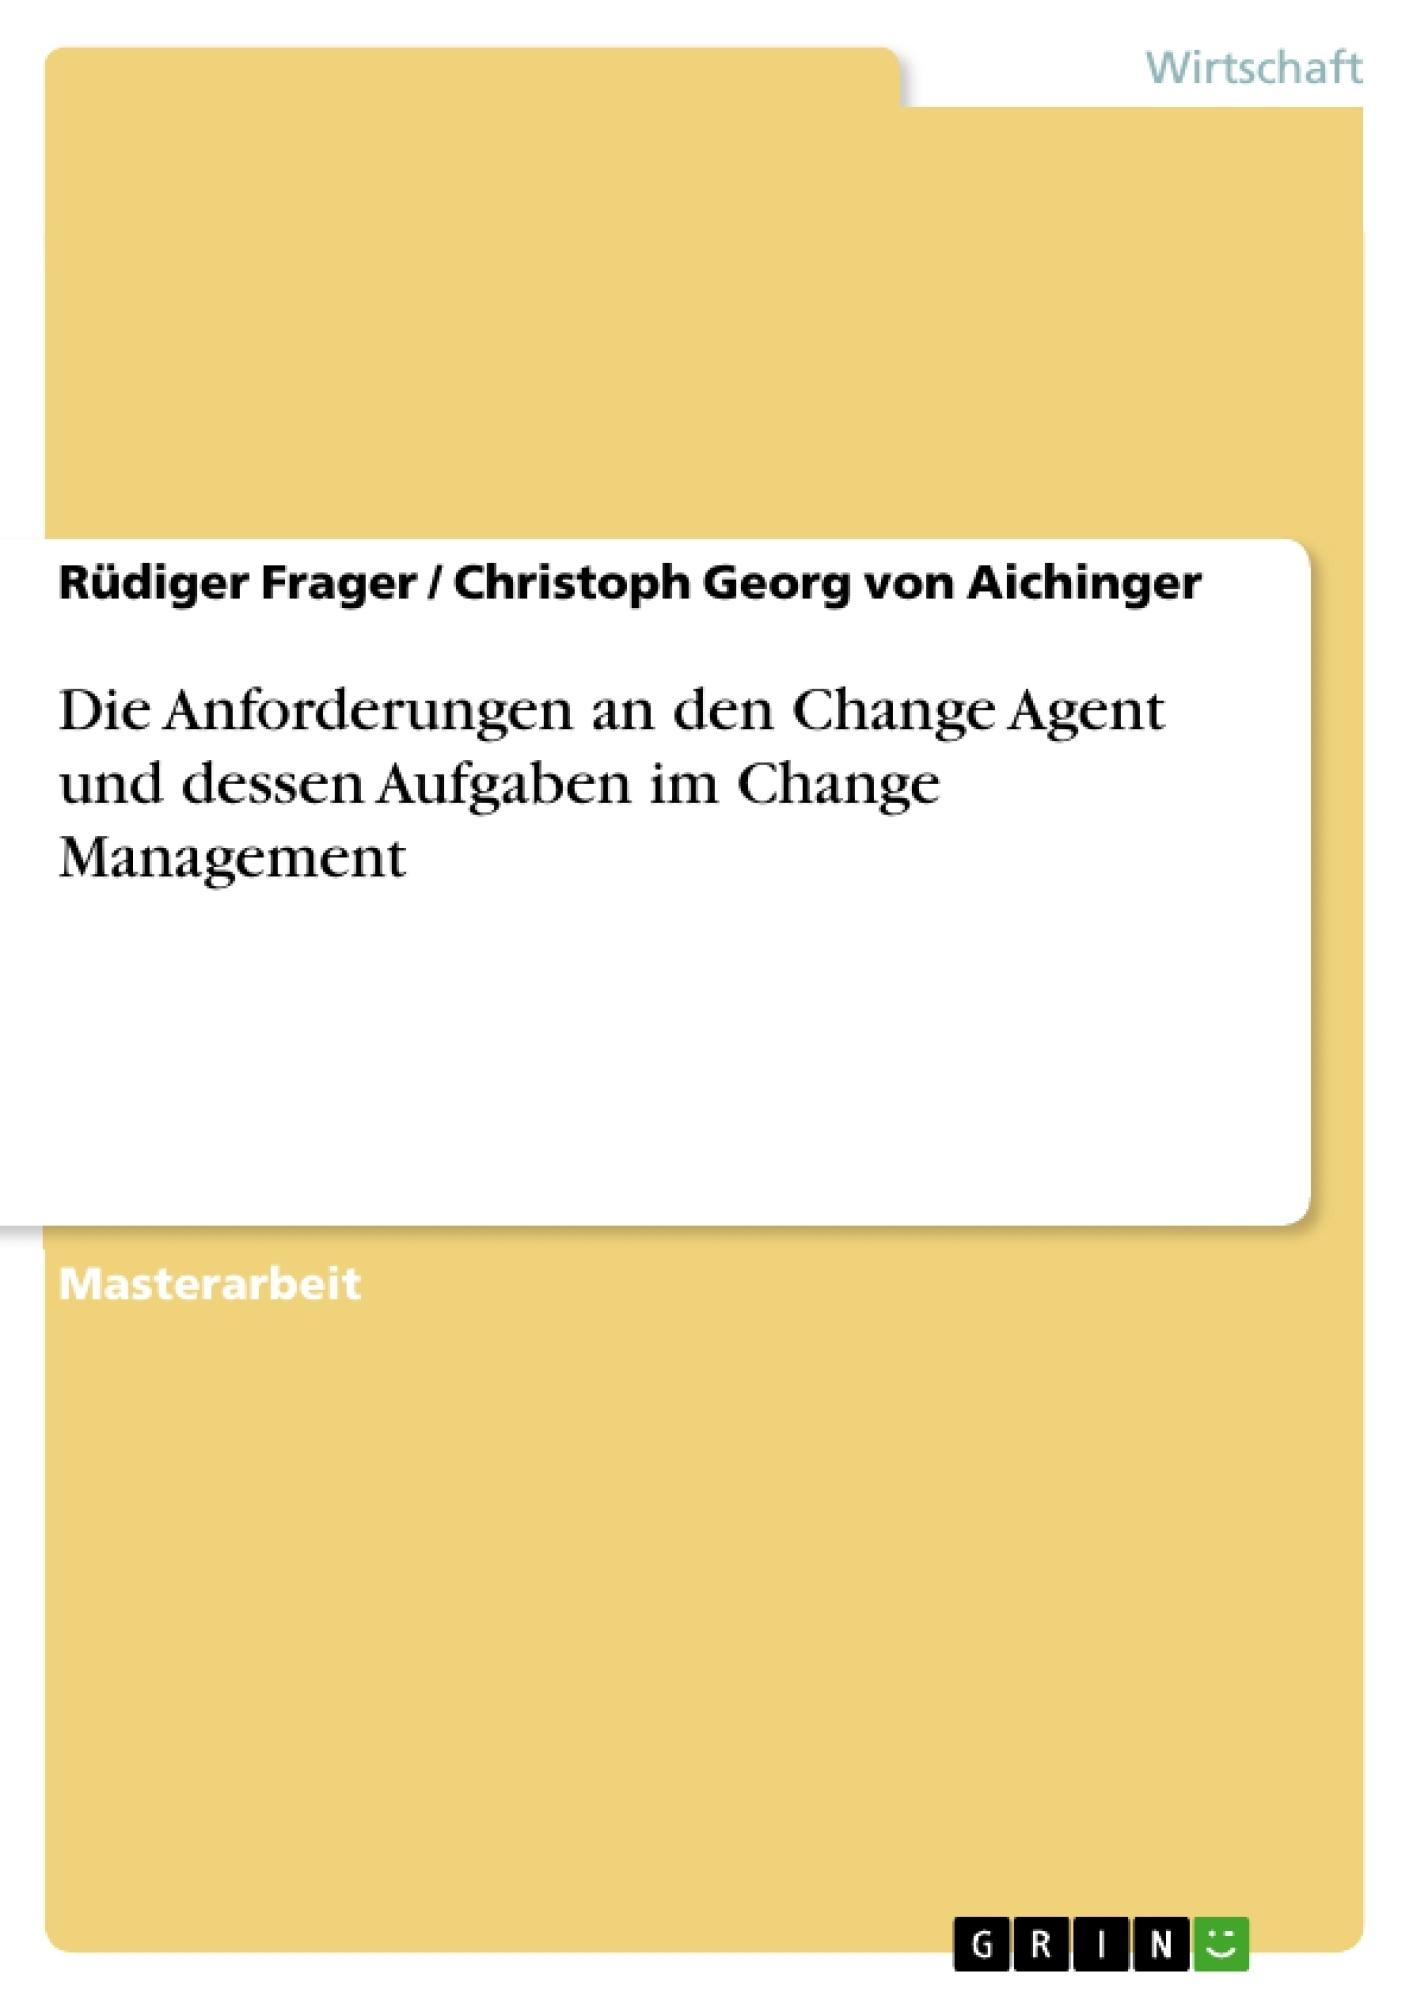 Titel: Die Anforderungen an den Change Agent und dessen Aufgaben im Change Management